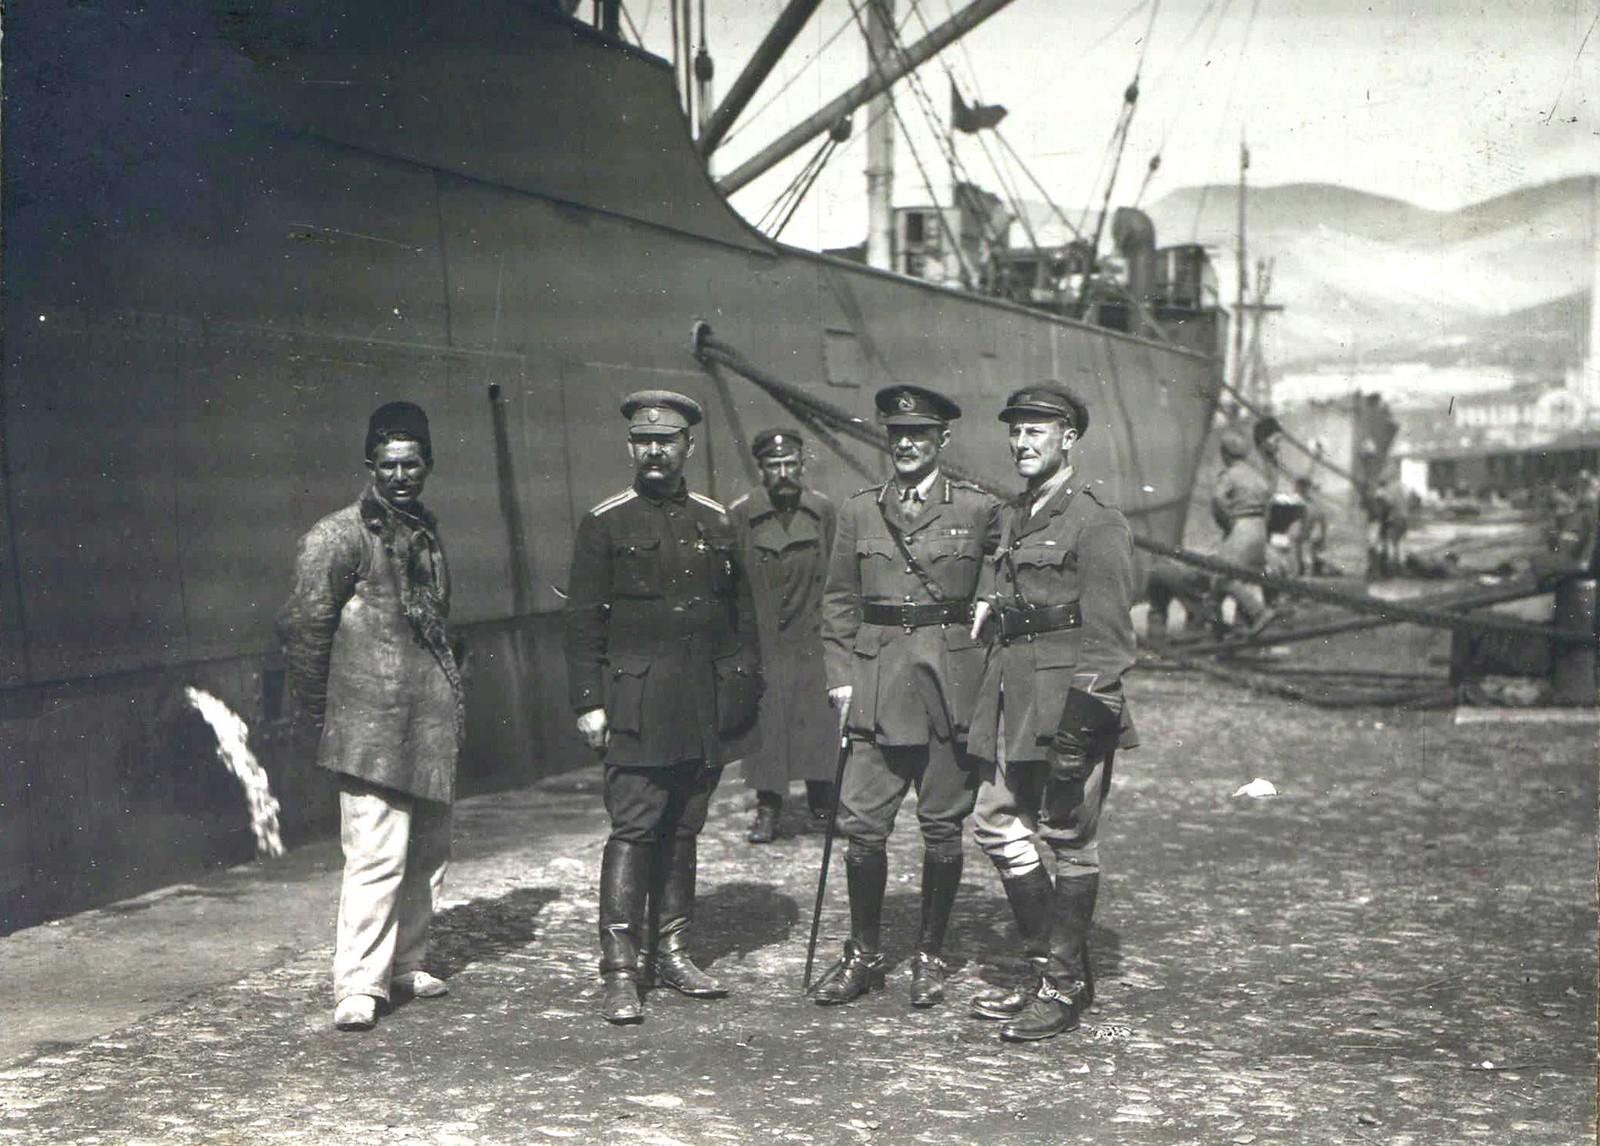 309. 1919. Британские офицеры и офицер ВСЮР, обеспечивающие выгрузку английских танков в порту Новороссийска